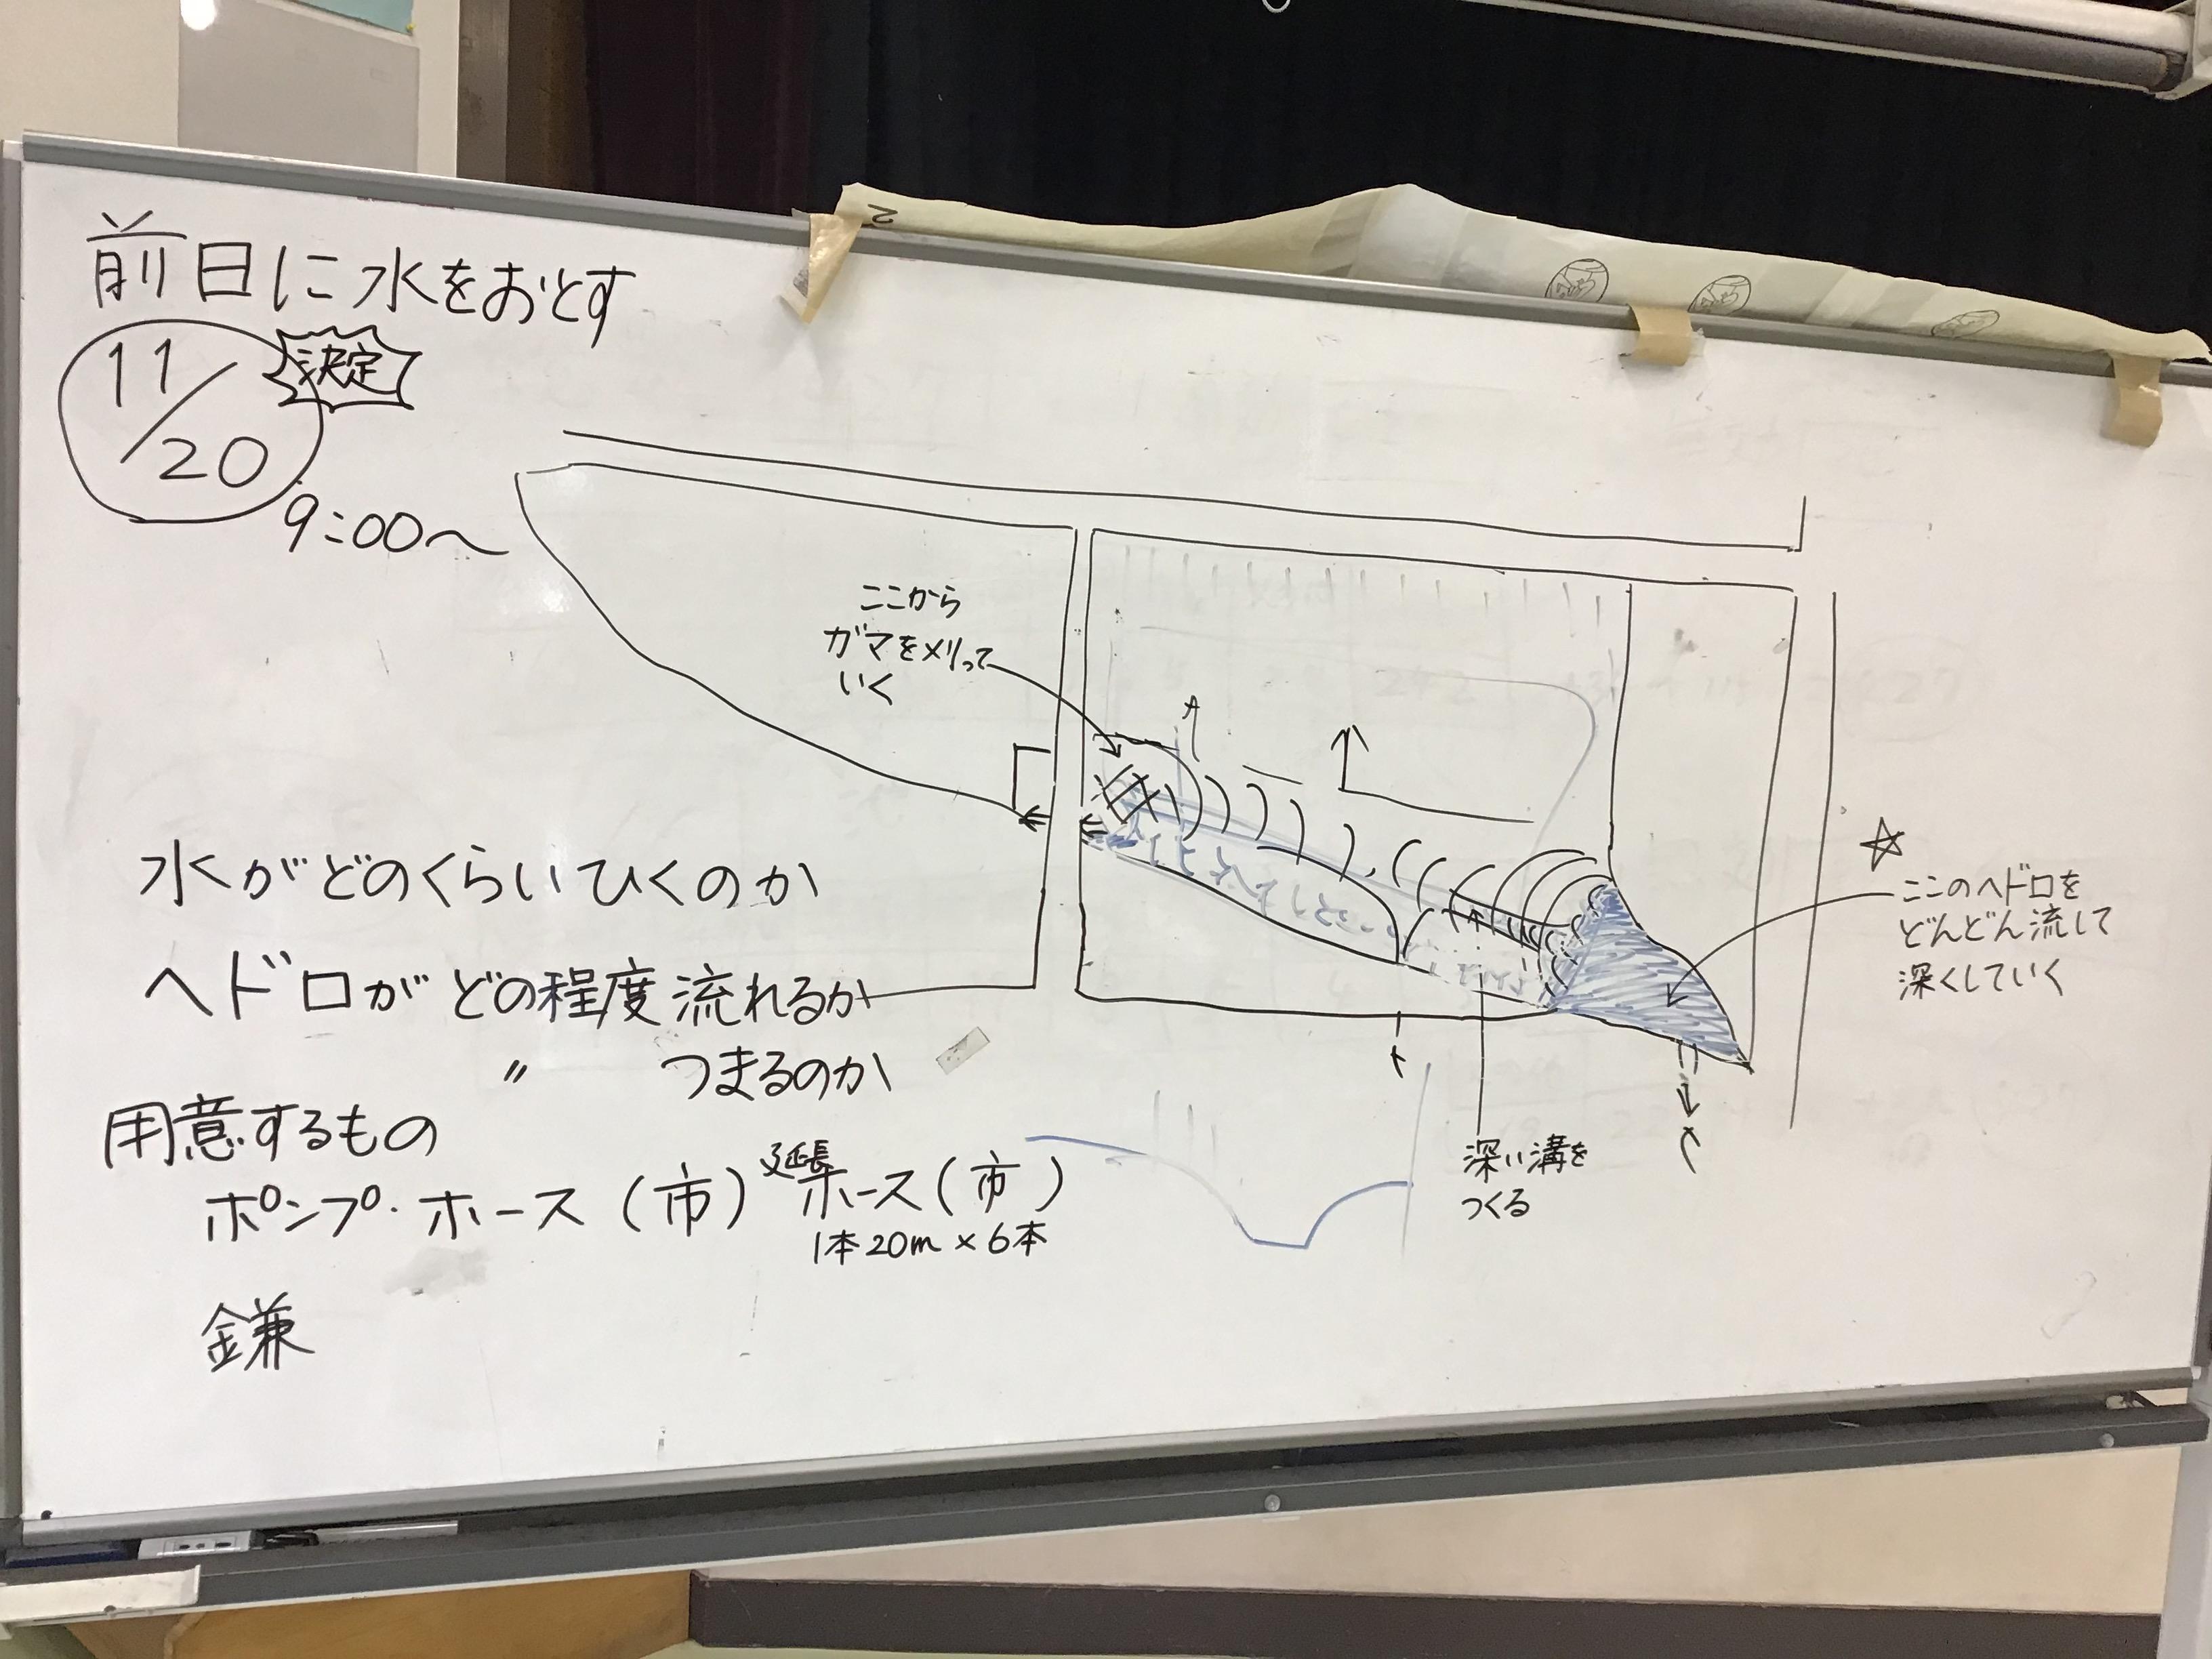 会議進行の丸谷さんが解り易く状況を絵コンテ。(11月20日作業の前日の水抜きでどれだけ水位が下がるか?)